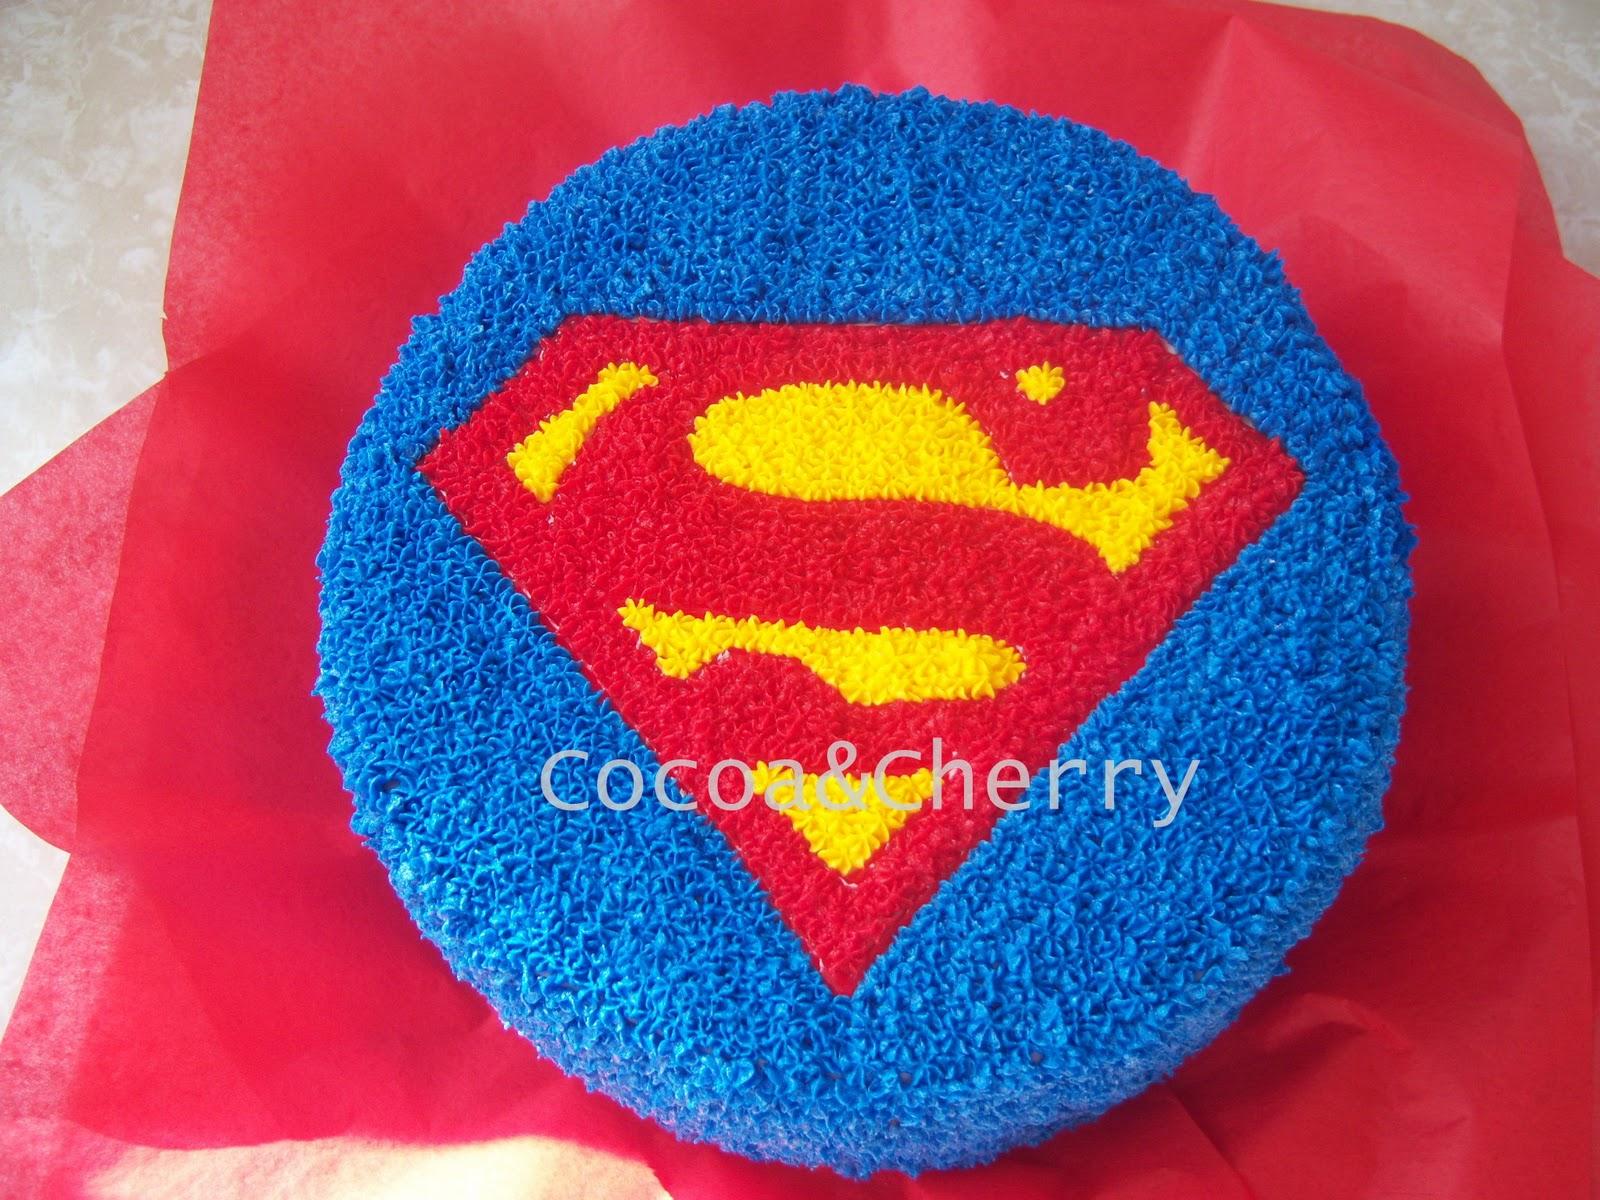 Cocoa Amp Cherry Pastel Superman